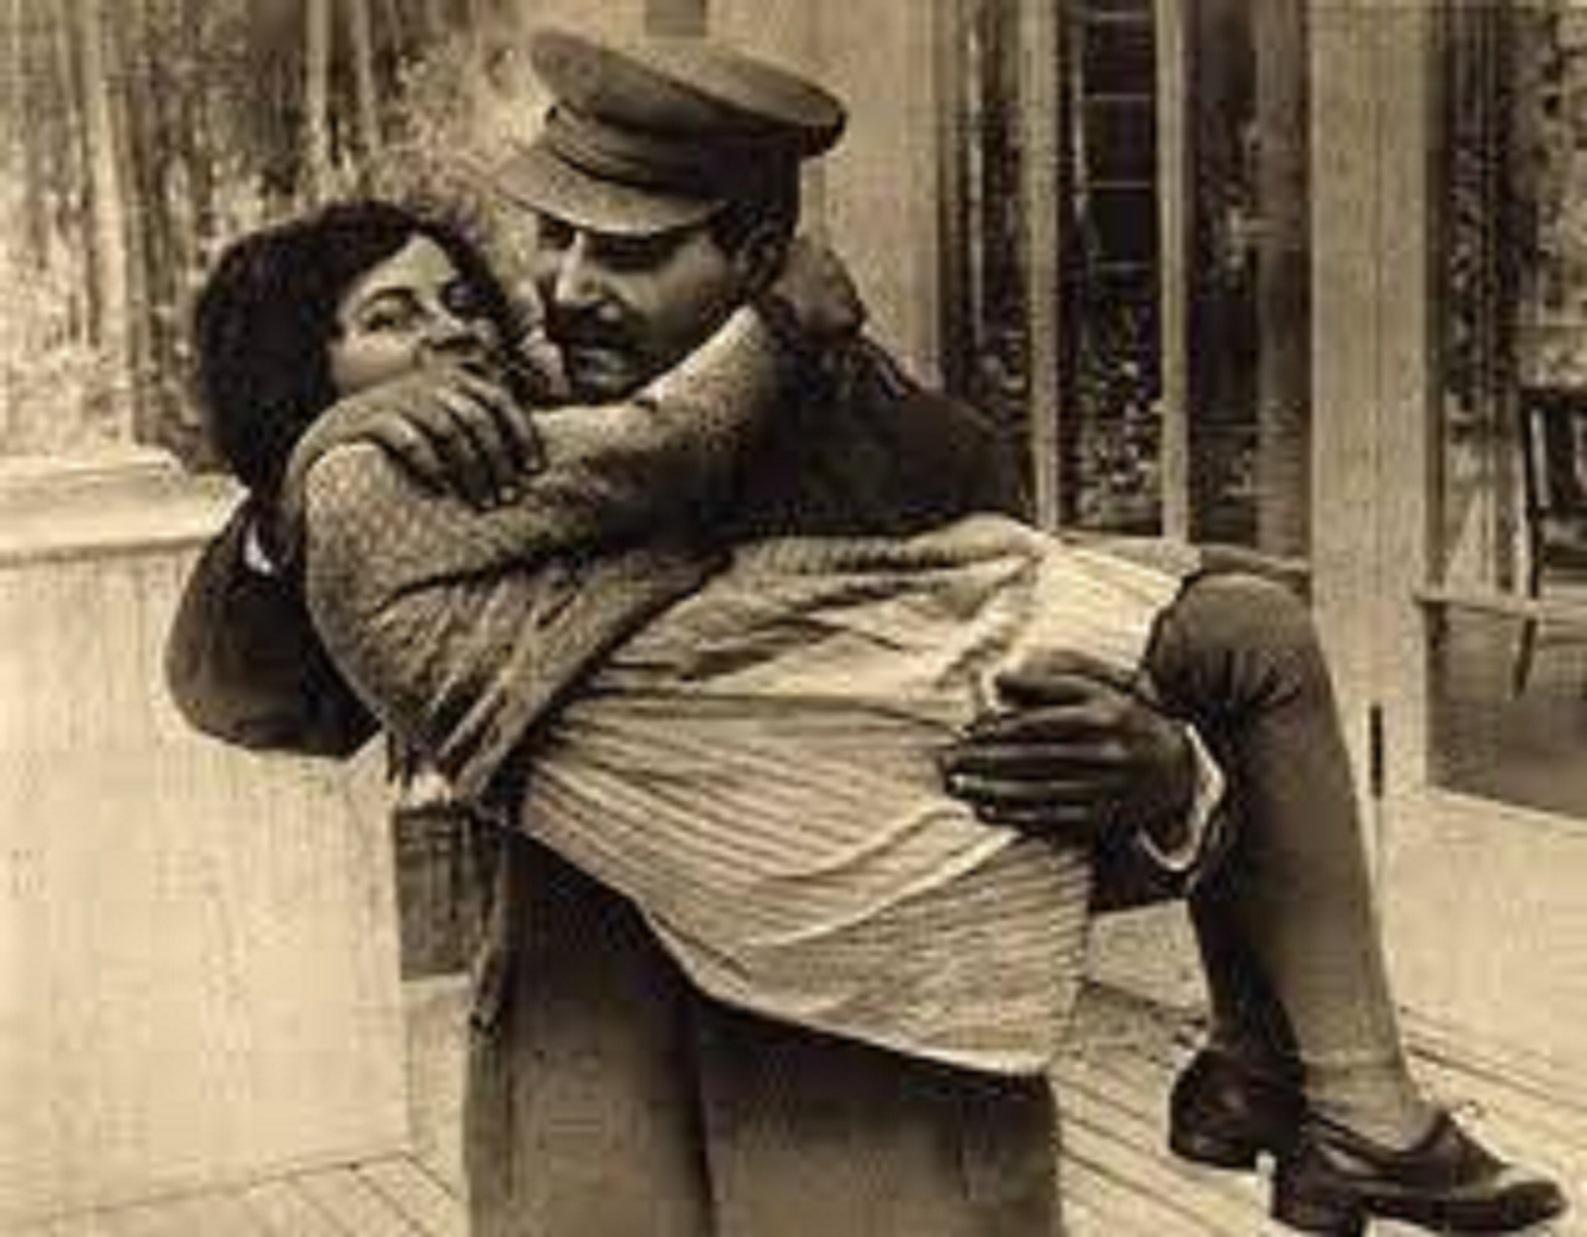 Εἶχε ἀπαρνηθῆ τὸν πατέρα της ἡ κόρη τοῦ Στάλιν.